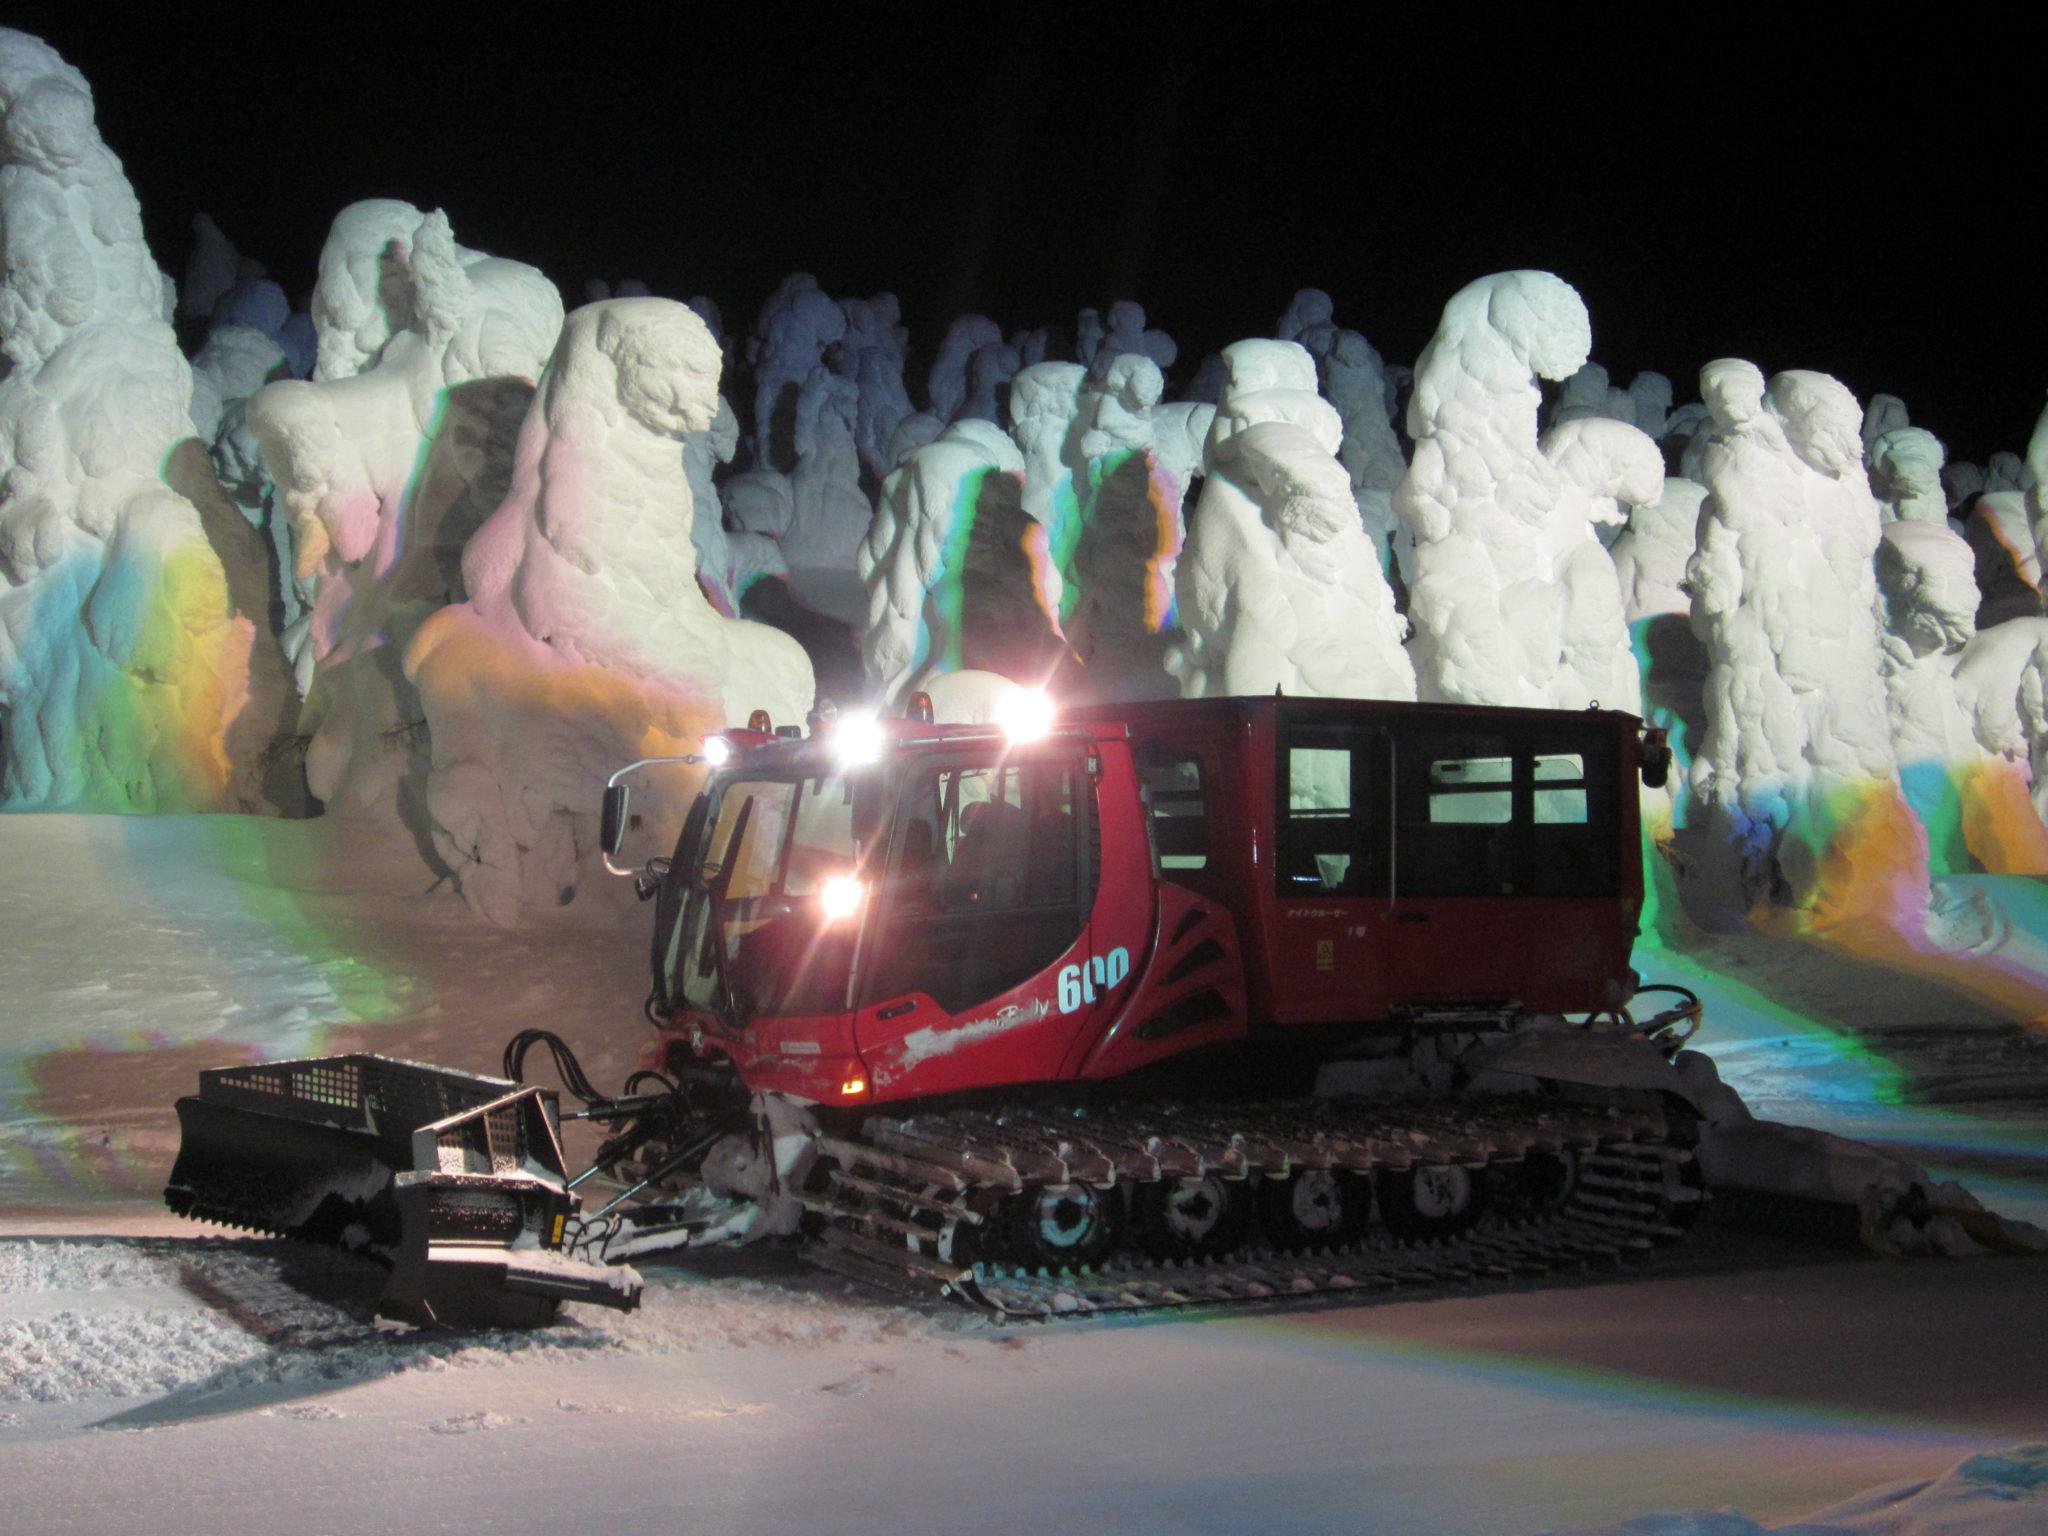 【特集記事】夜のスノーモンスターを雪上車で見にいこう!山形蔵王 ナイトクルーザー号で行く「樹氷幻想回廊ツアー」